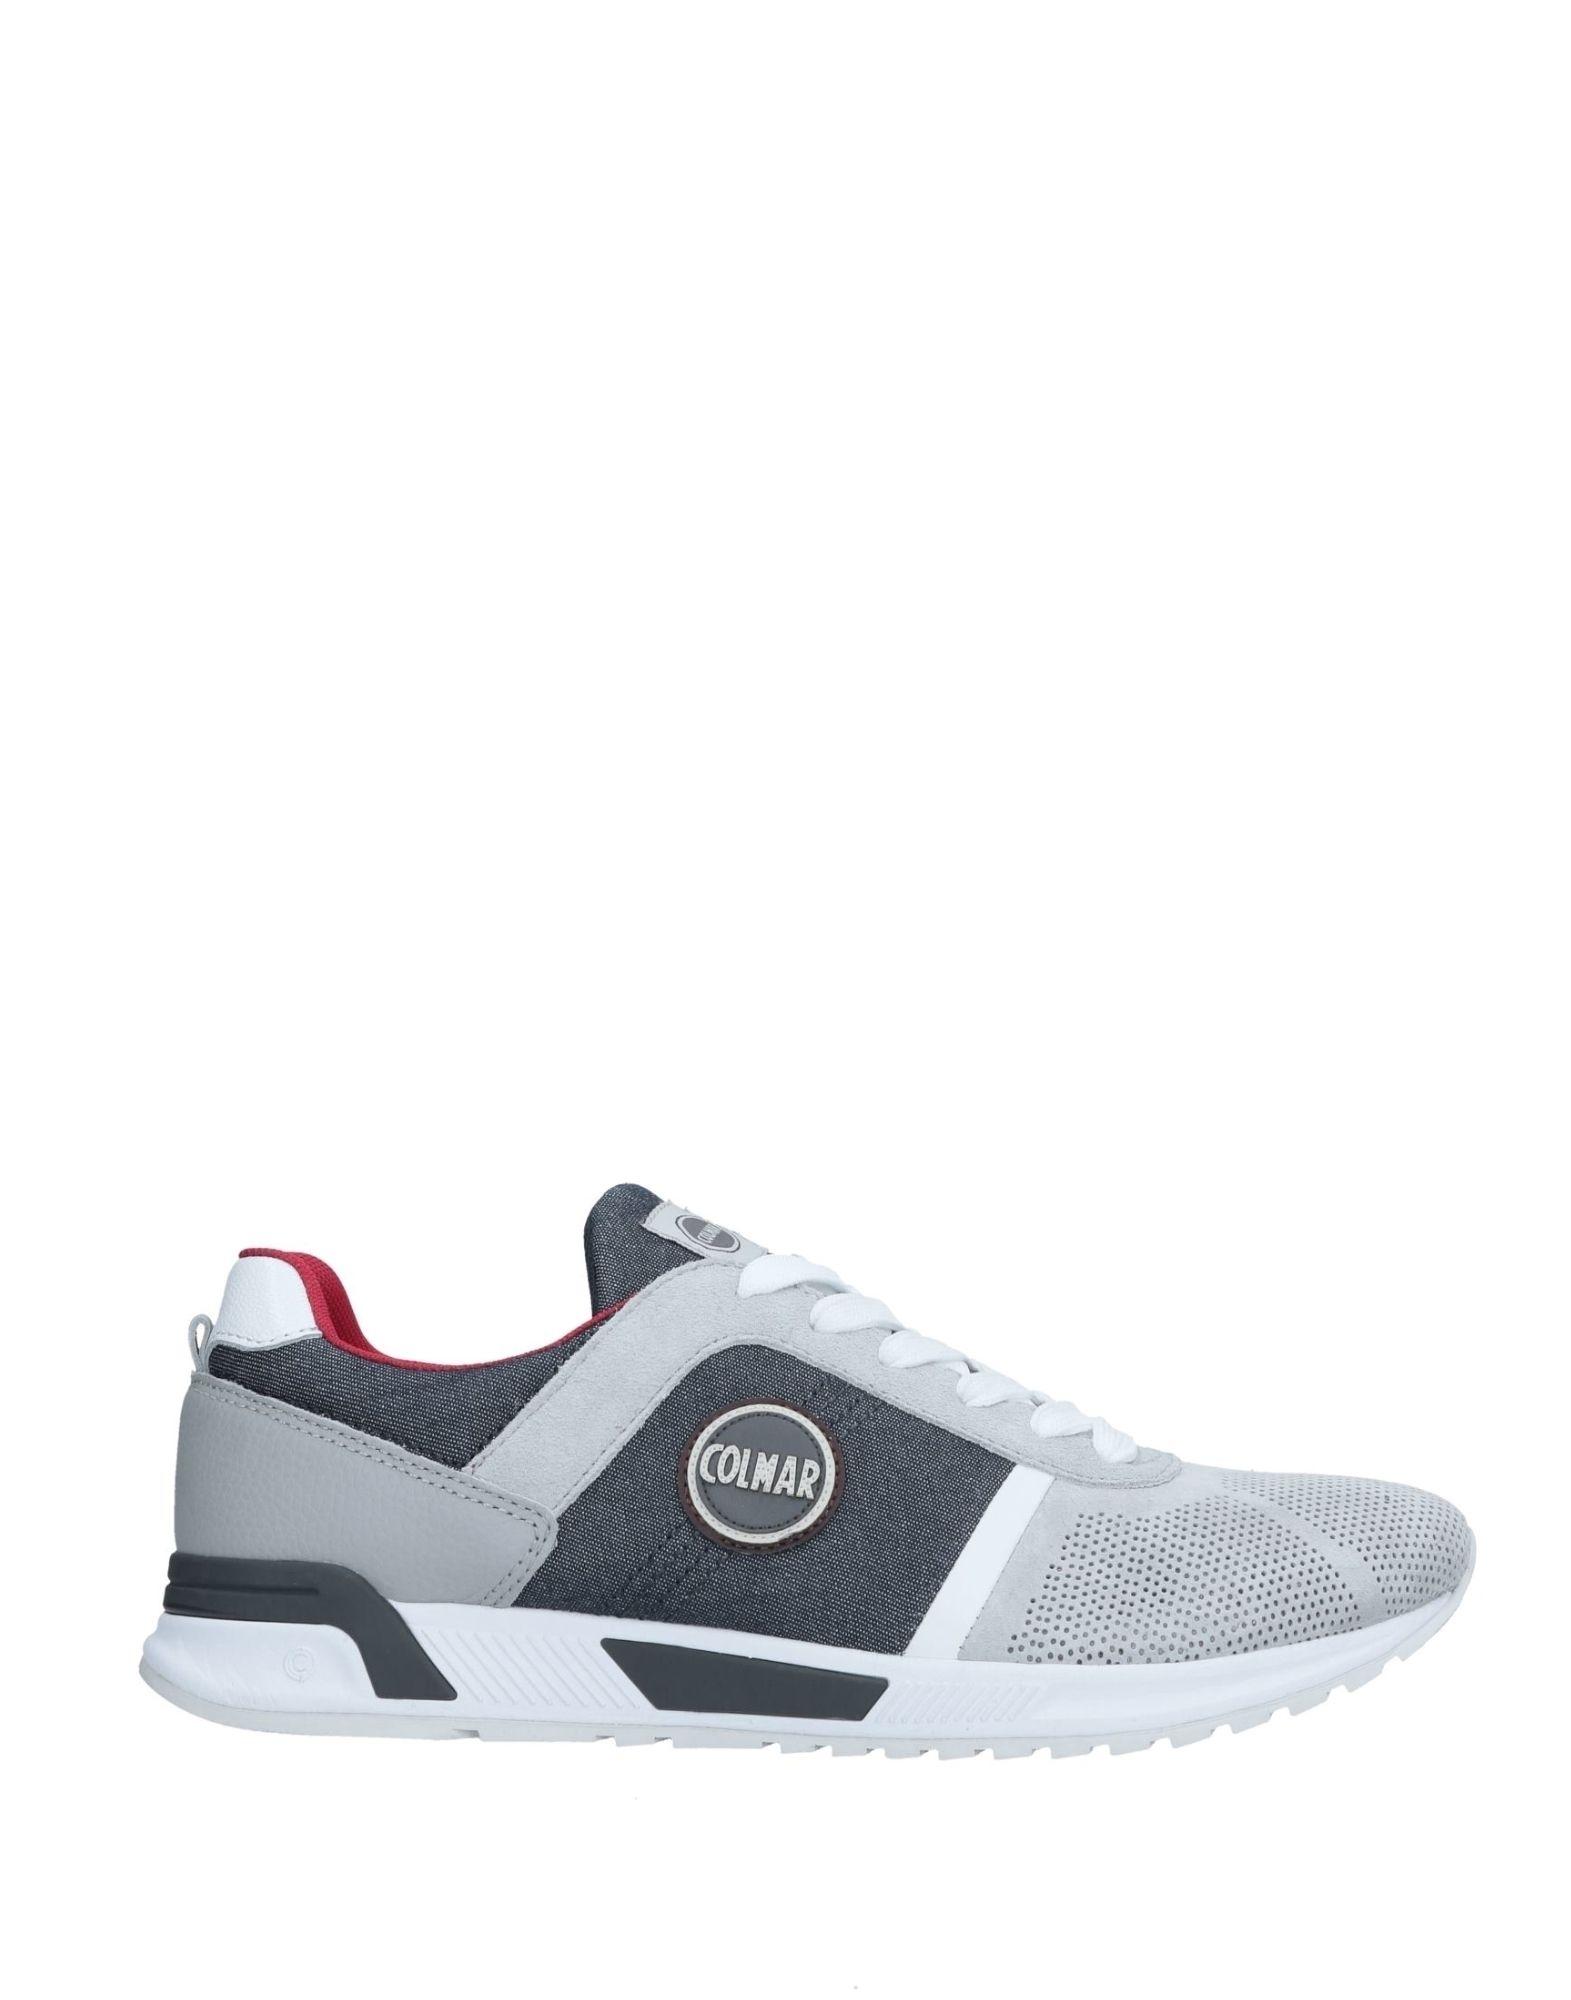 Rabatt echte Schuhe Herren Colmar Sneakers Herren Schuhe  11546500GC ae045f